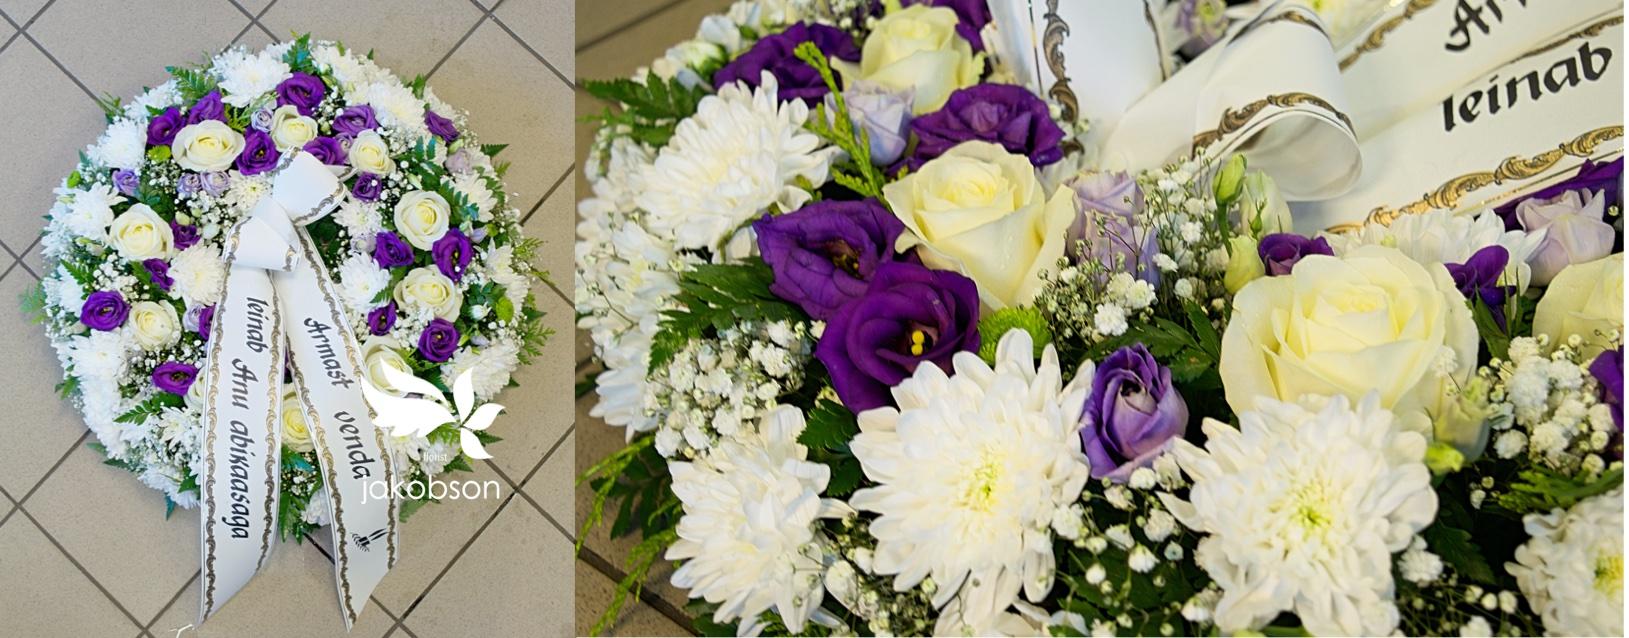 Похоронный венок 1 - Полный цветов венок.